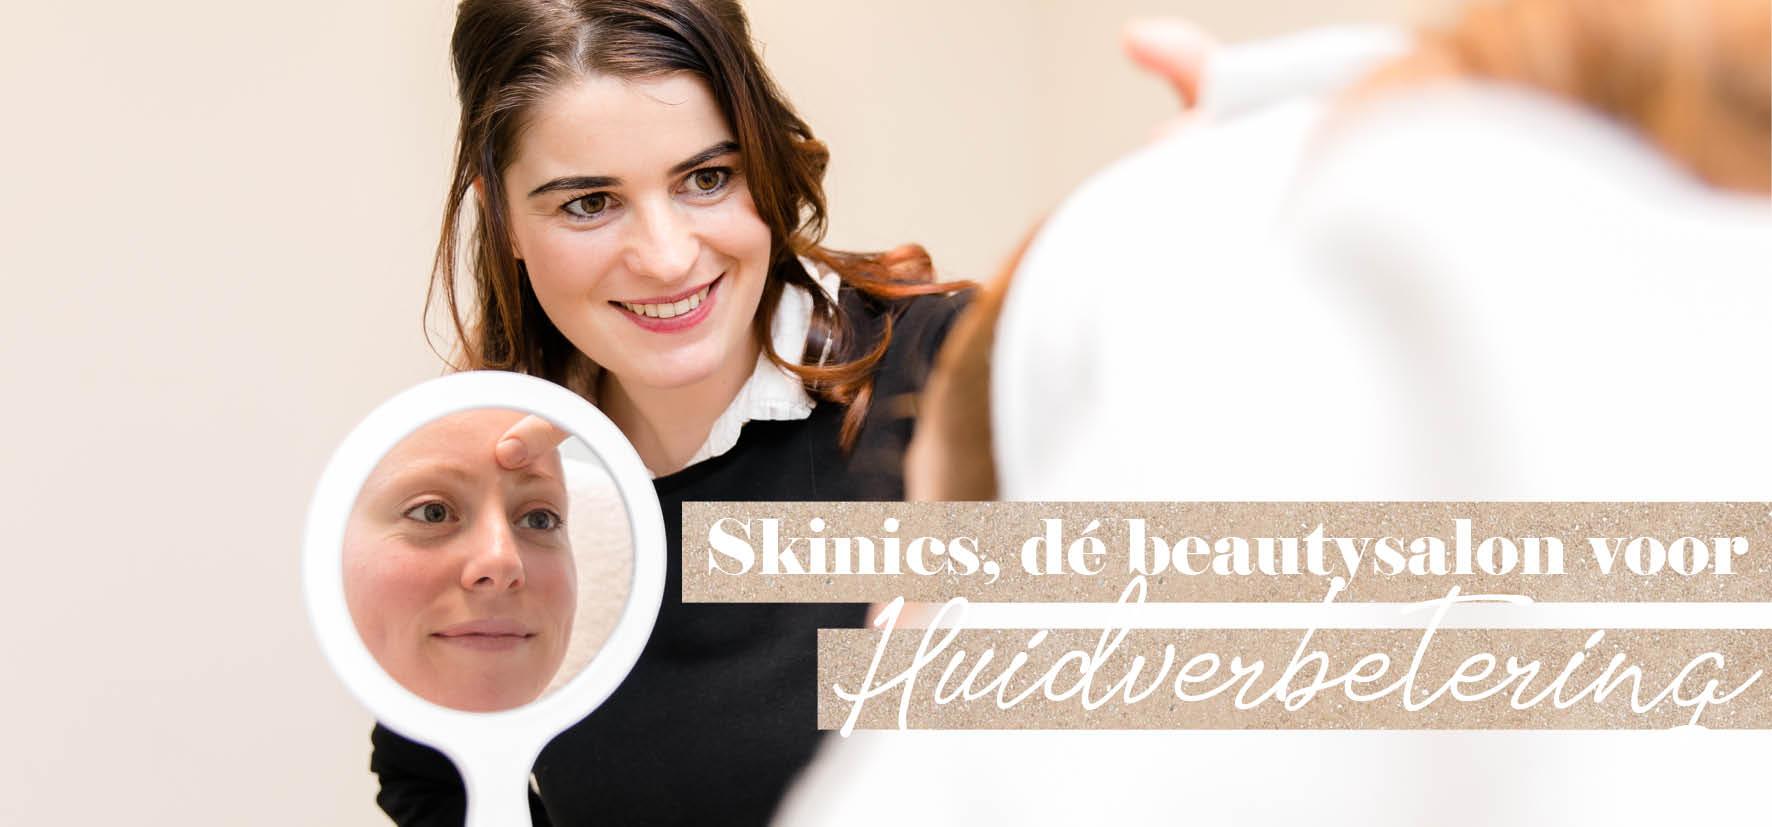 Gezichtsbehandeling Echt - Jennifer Penners - Skinics in Echt